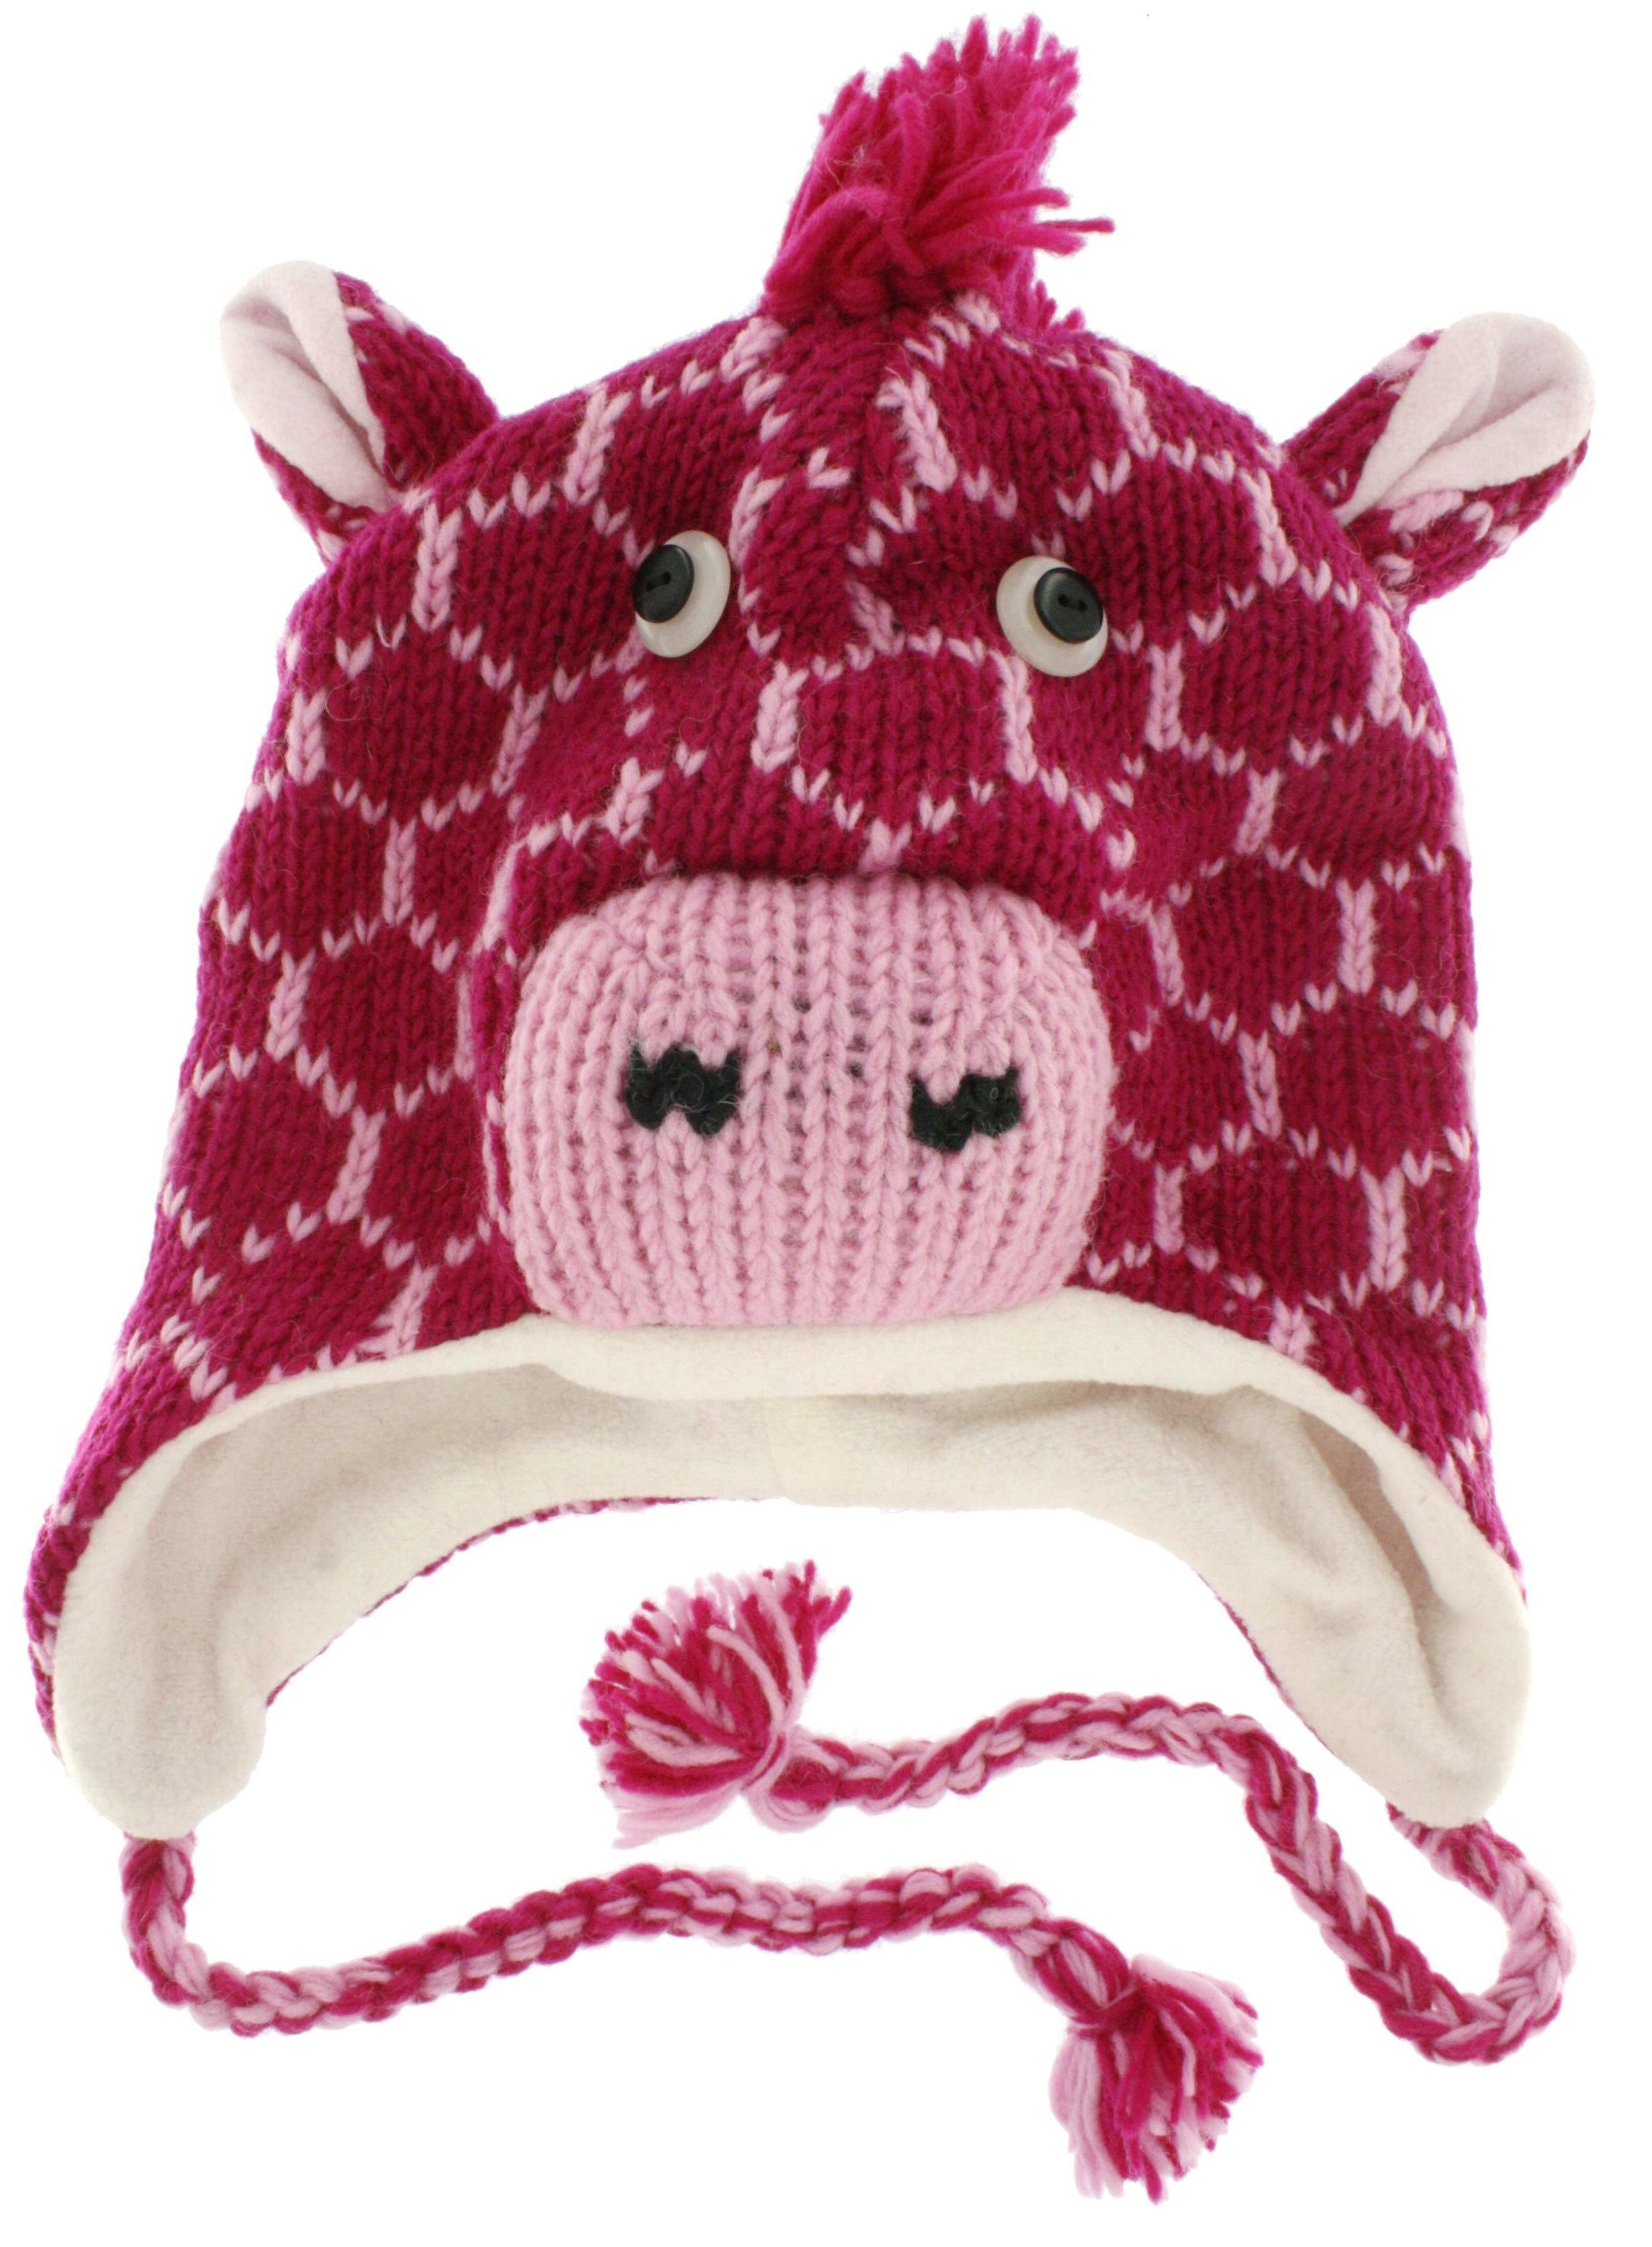 FIGURE ANIMAL HATS AB-BLC14-23 - Oriente Import S.r.l.